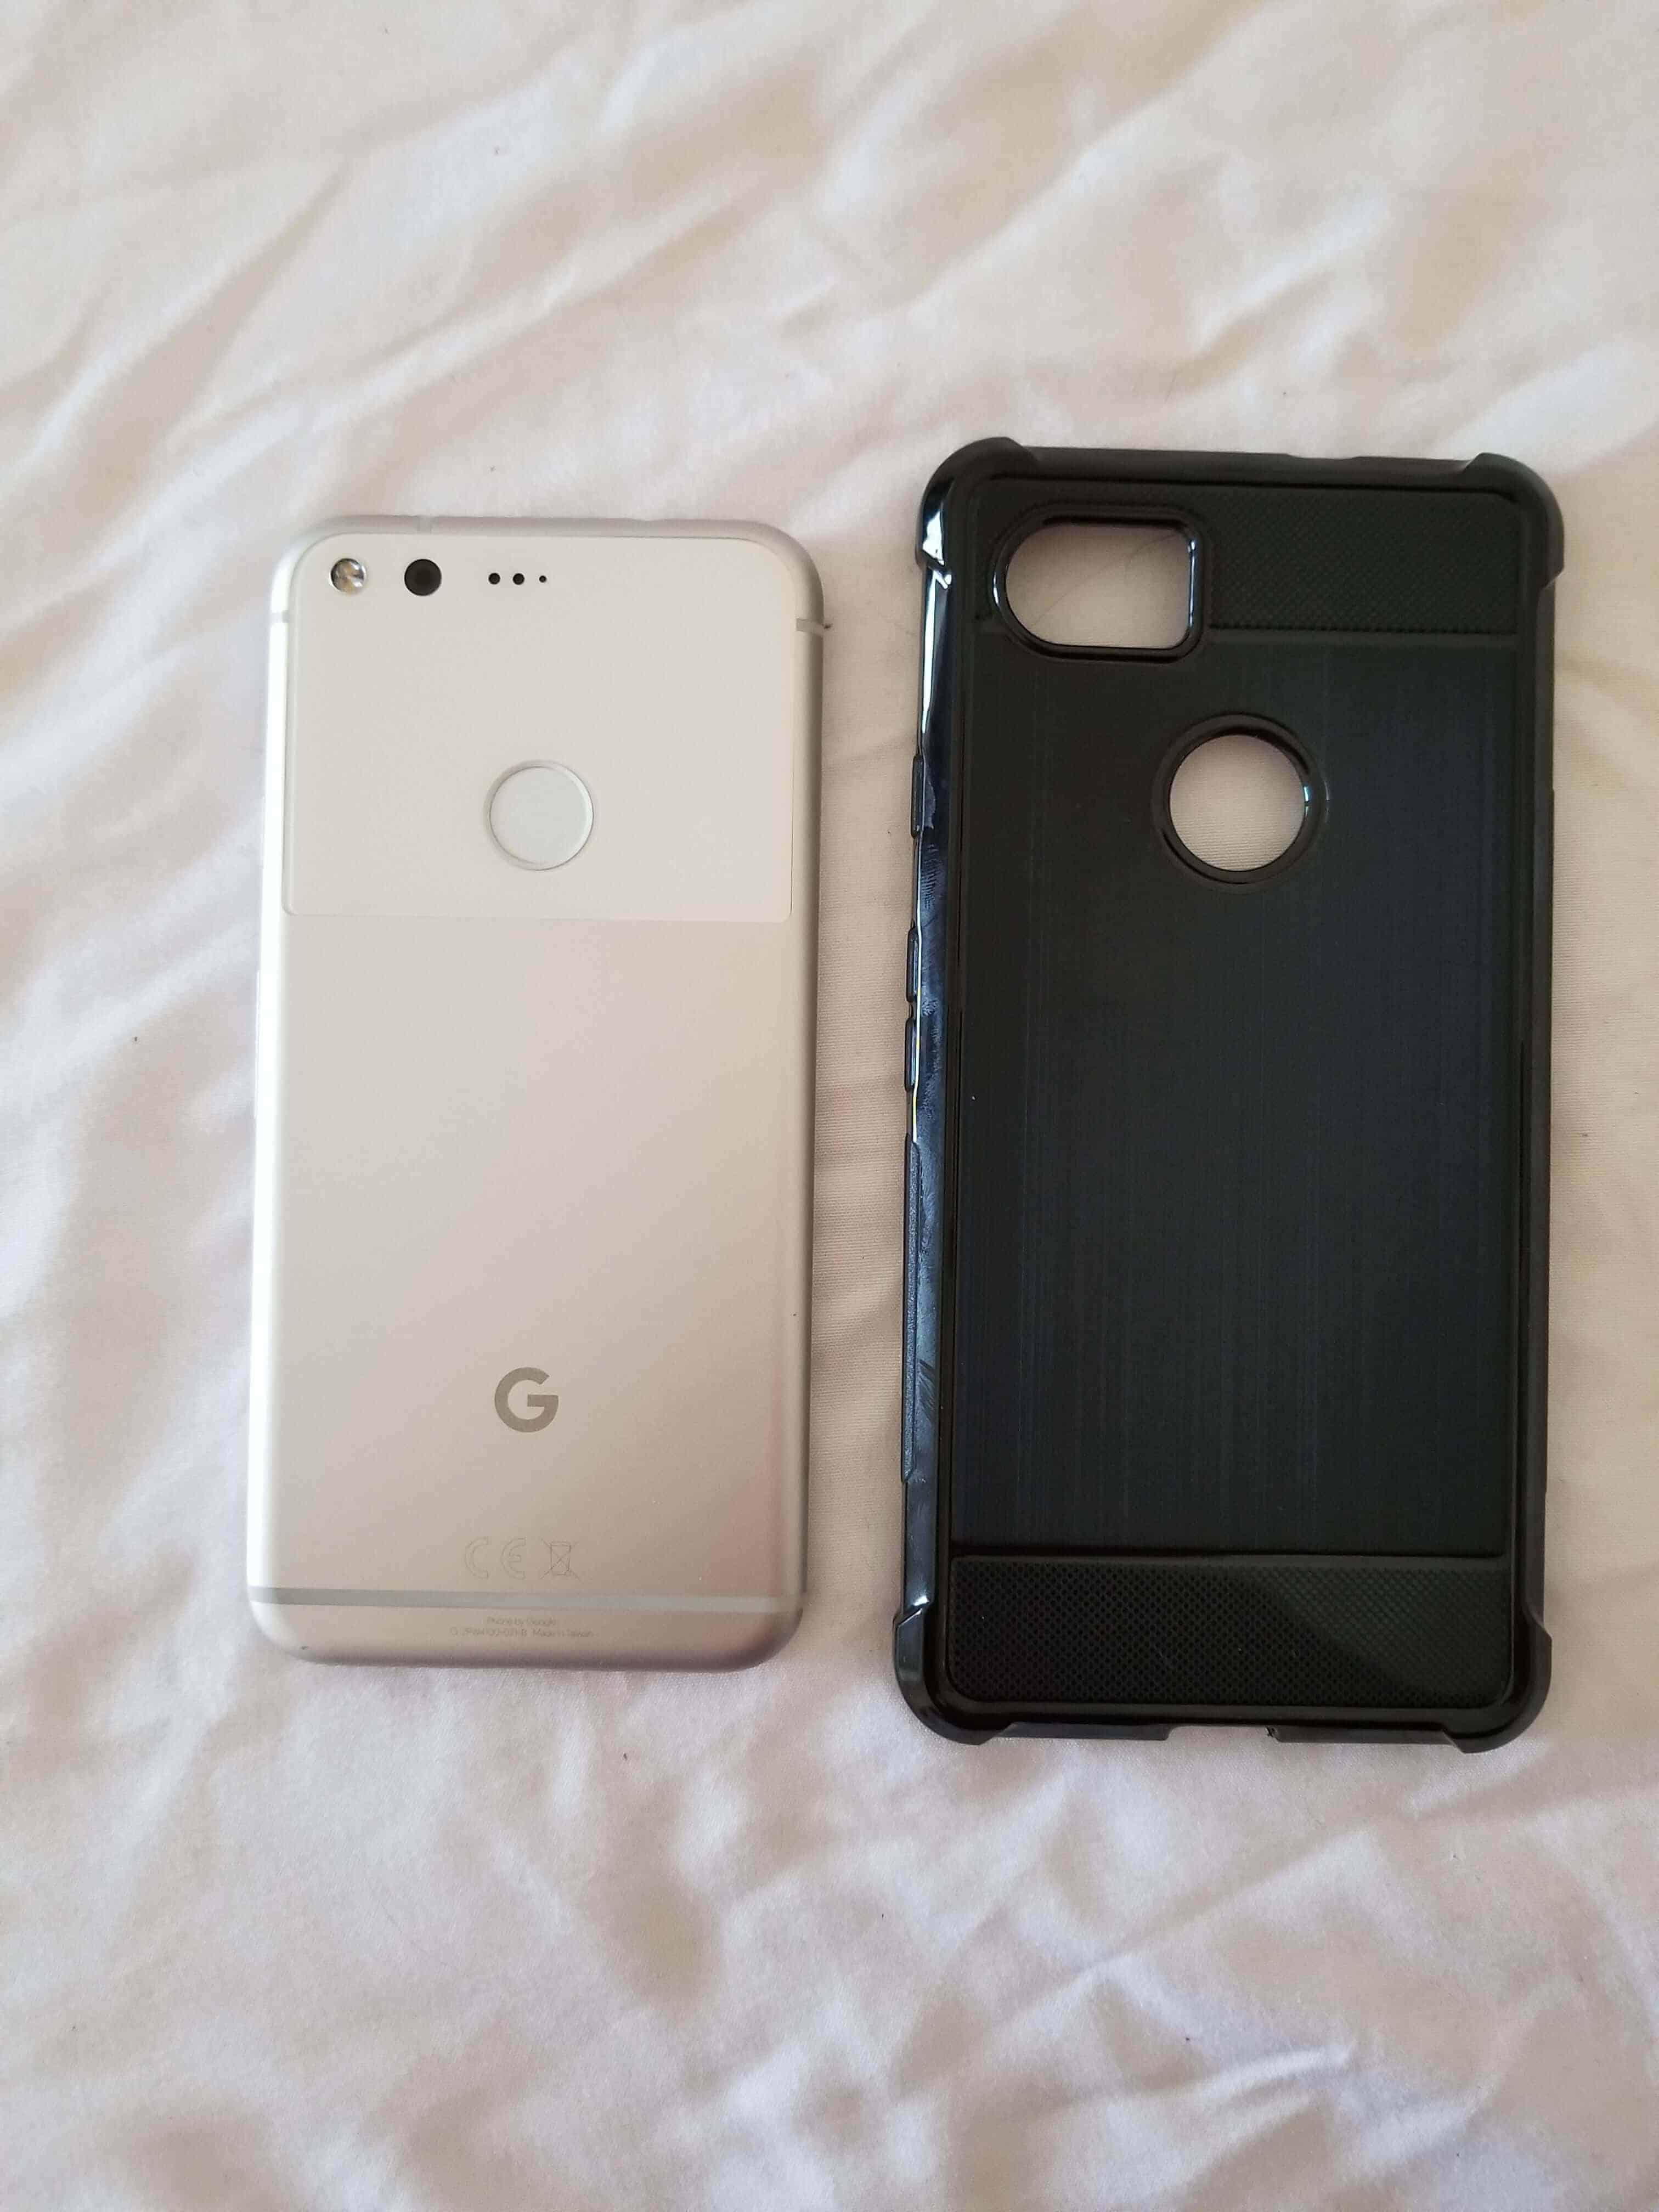 Pixel XL 2 Case Size Comparison Imgur Leak 8